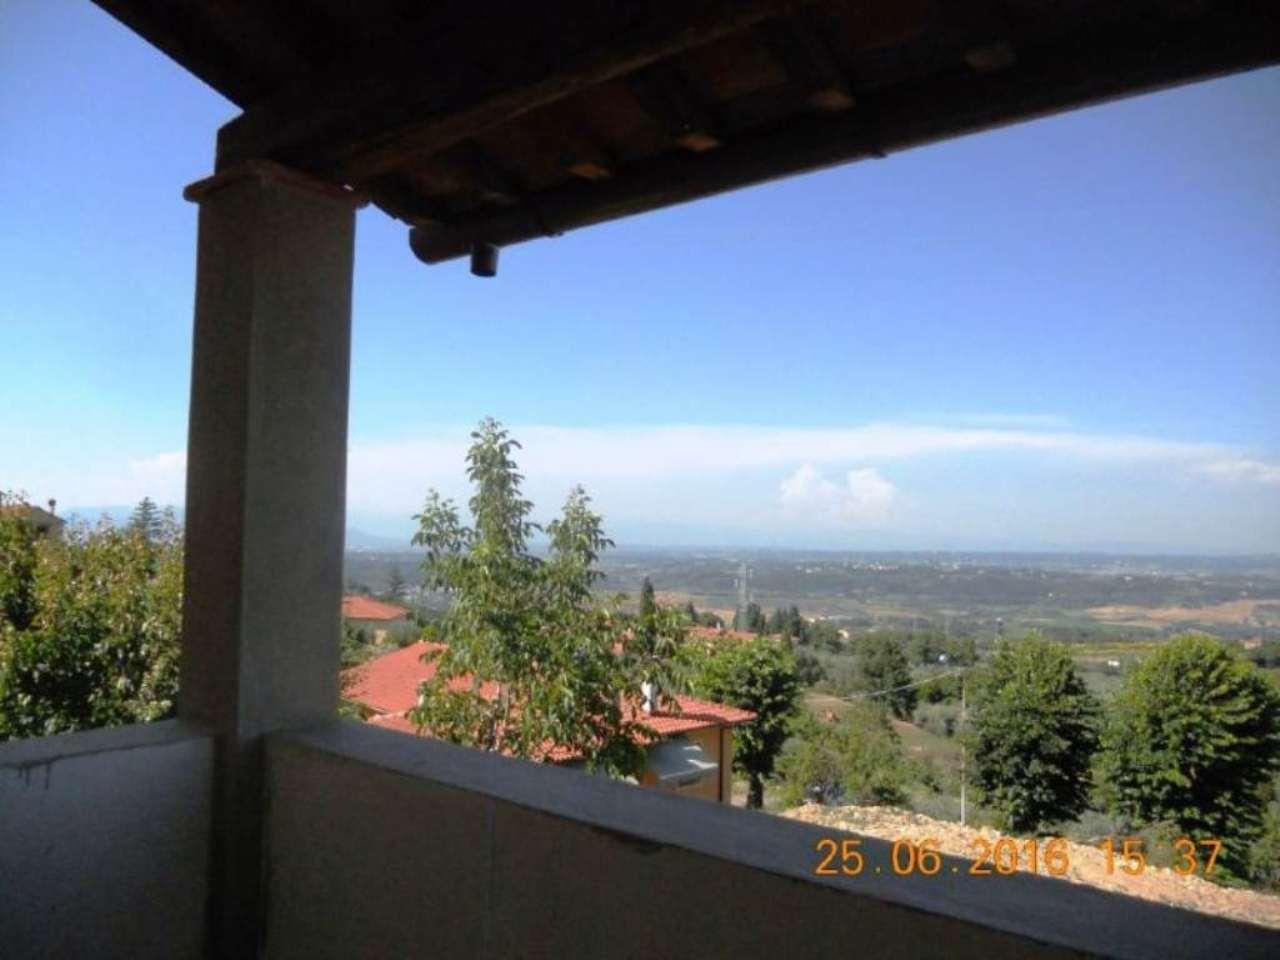 Appartamento in vendita a Casciana Terme Lari, 6 locali, prezzo € 85.000 | PortaleAgenzieImmobiliari.it